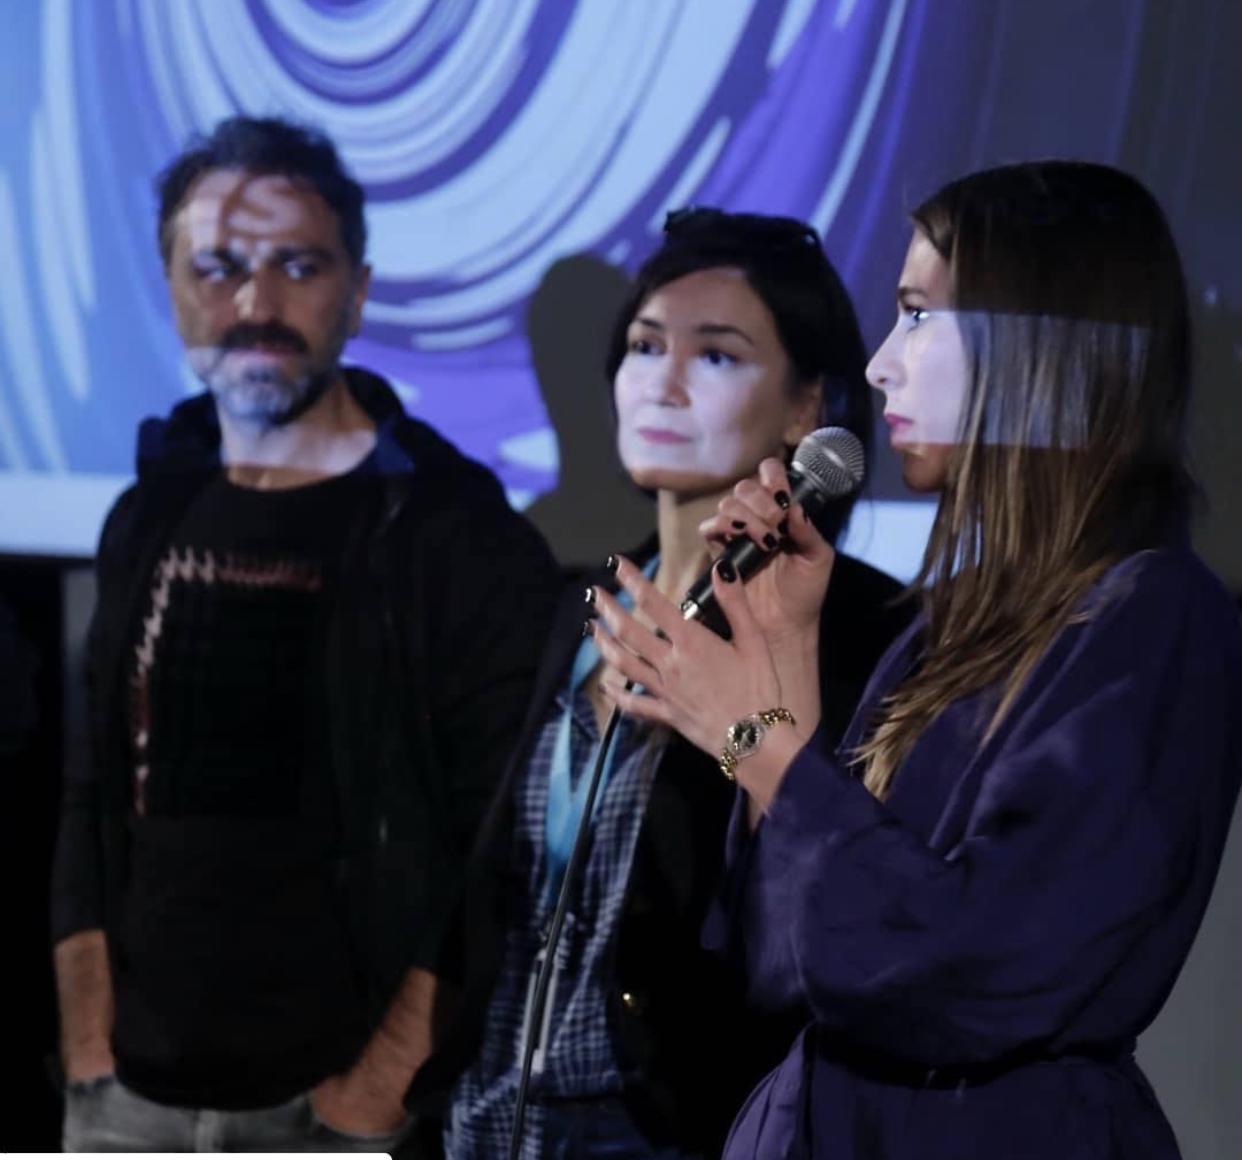 Röportaj: Vuslat Saraçoğlu | Yazar: Burak Süalp